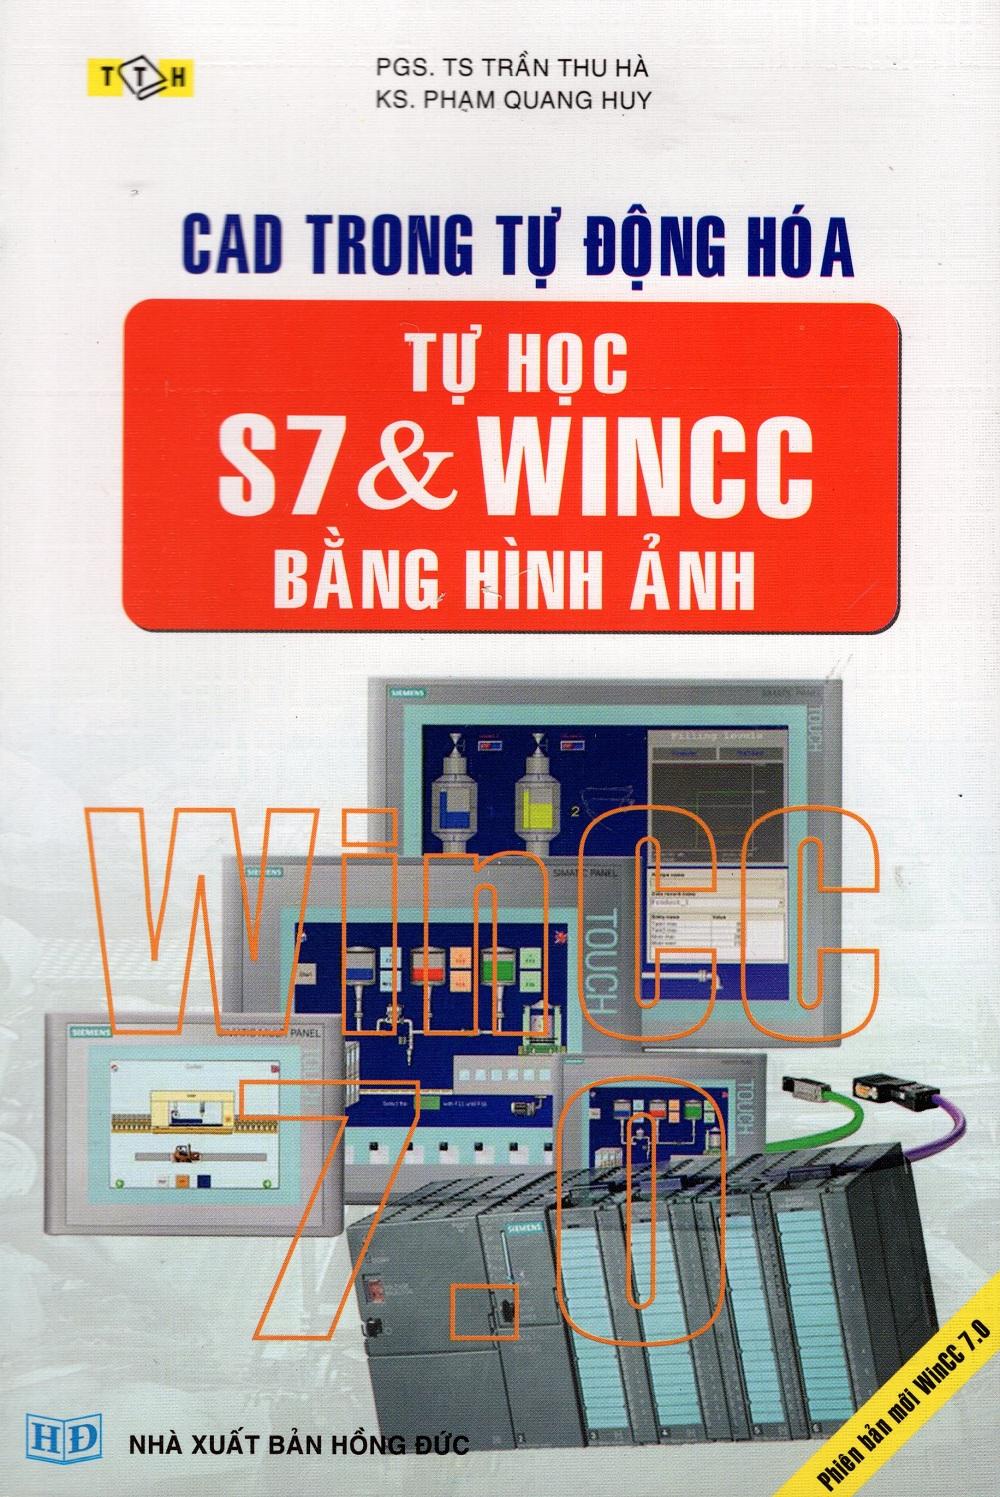 CAD Trong Tự Động Hóa Tự Học S7  Wincc Bằng Hình Ảnh